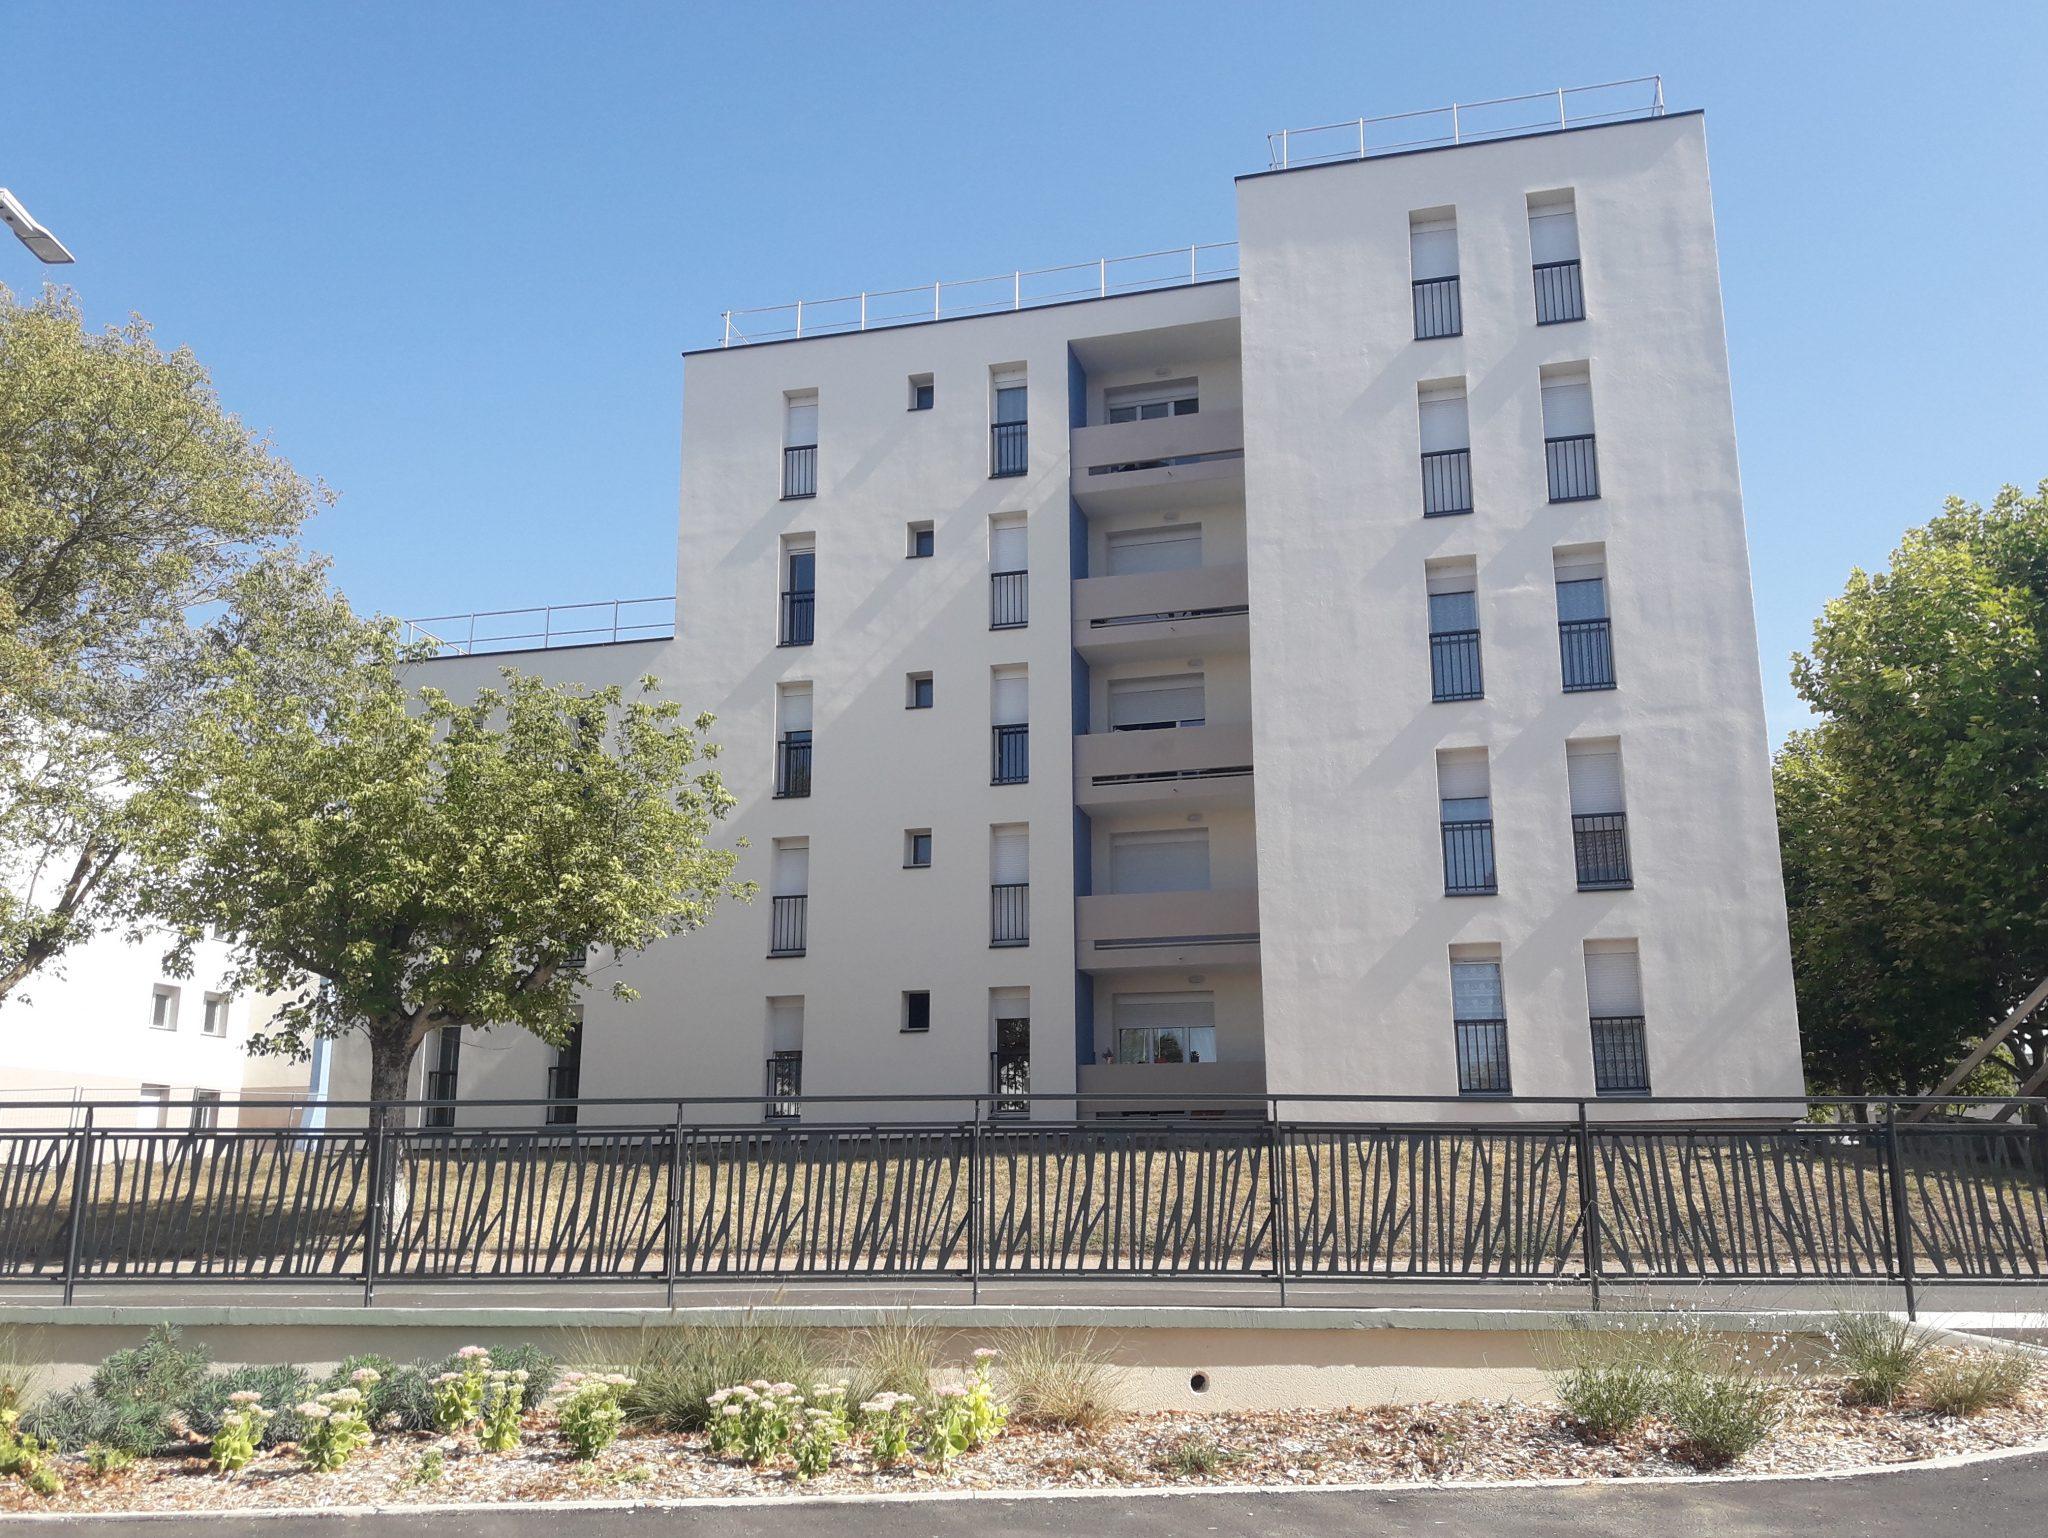 ALLEE BEETHOVEN, ALLEE DU BERRY, AVENUE DE LA PAIX, Cosne-sur-Loire, 58200, Appartement, Patrimoine 1779